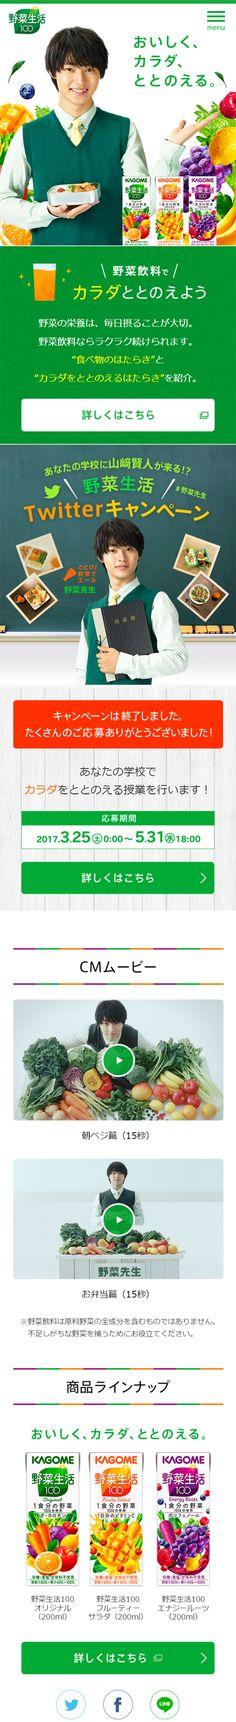 野菜生活Twitterキャンペーン WEBデザイナーさん必見!スマホランディングページのデザイン参考に(にぎやか系)